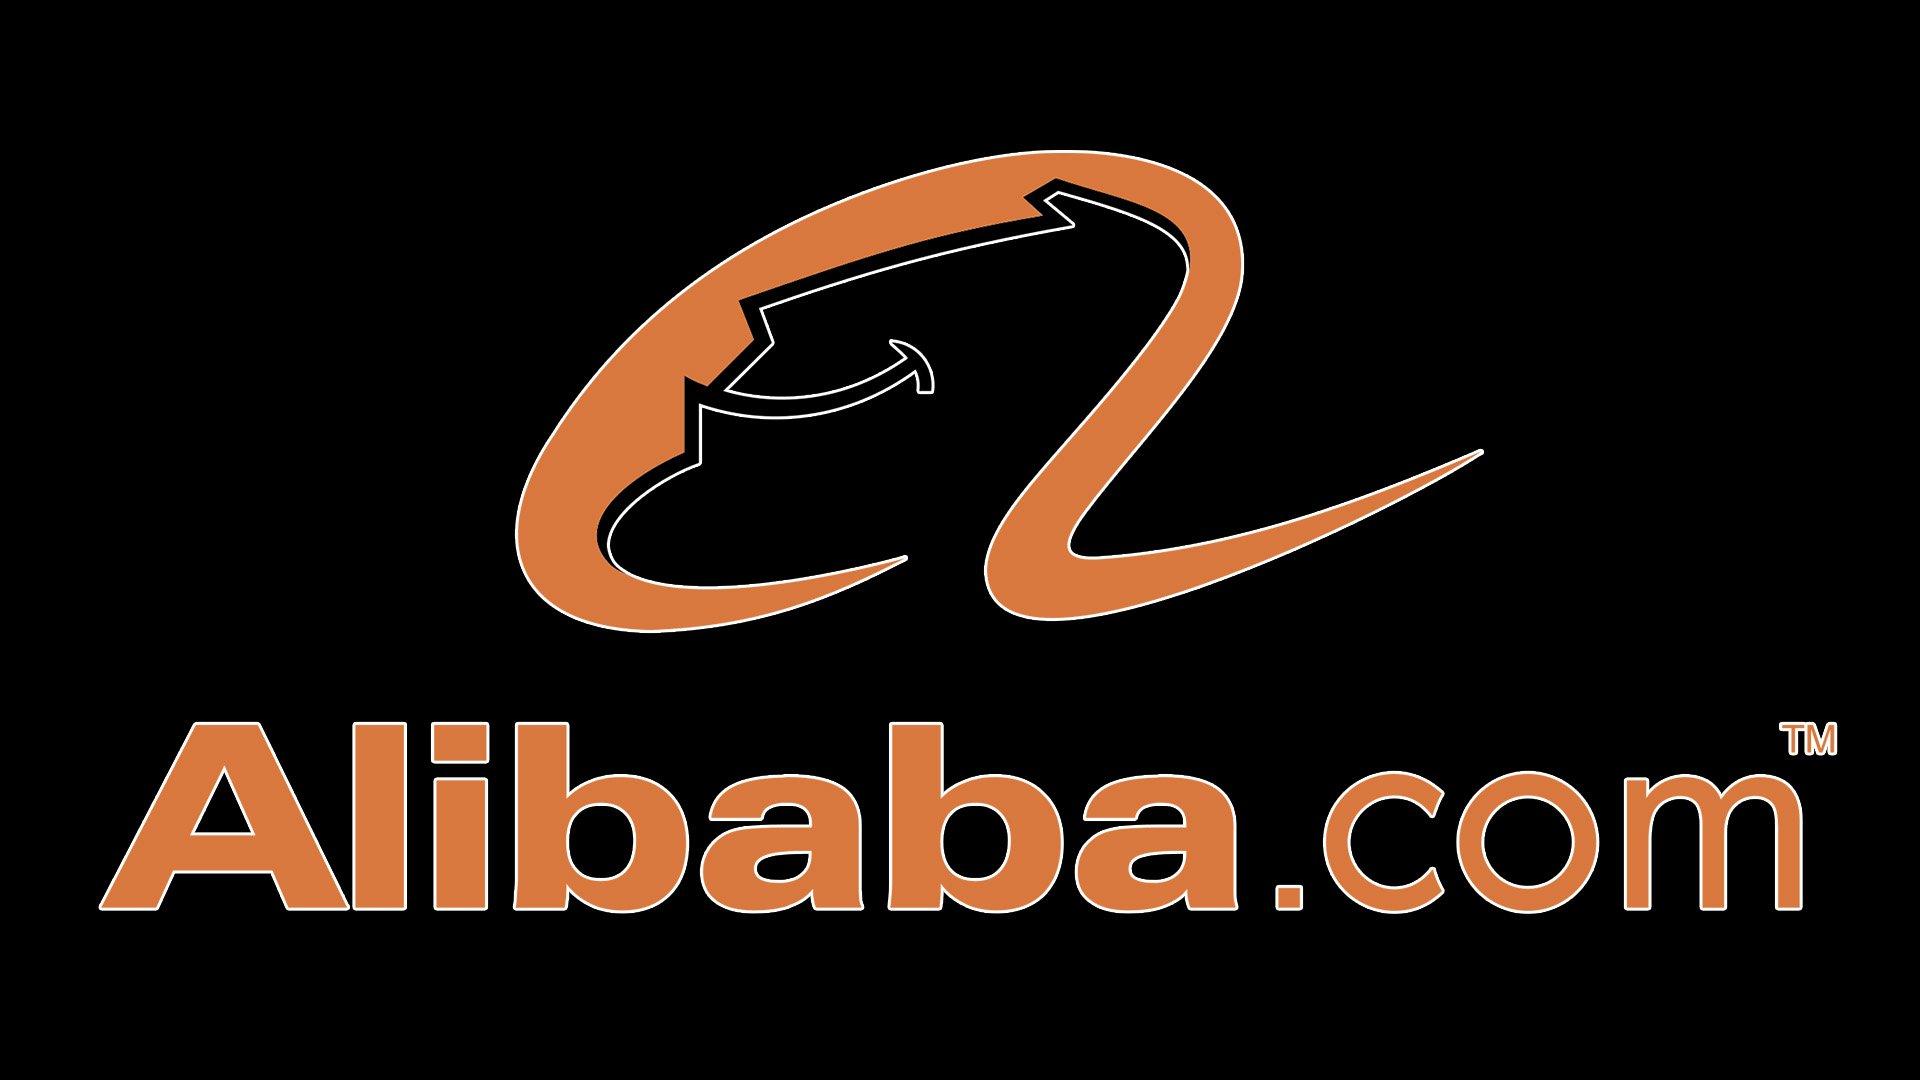 Alibaba company